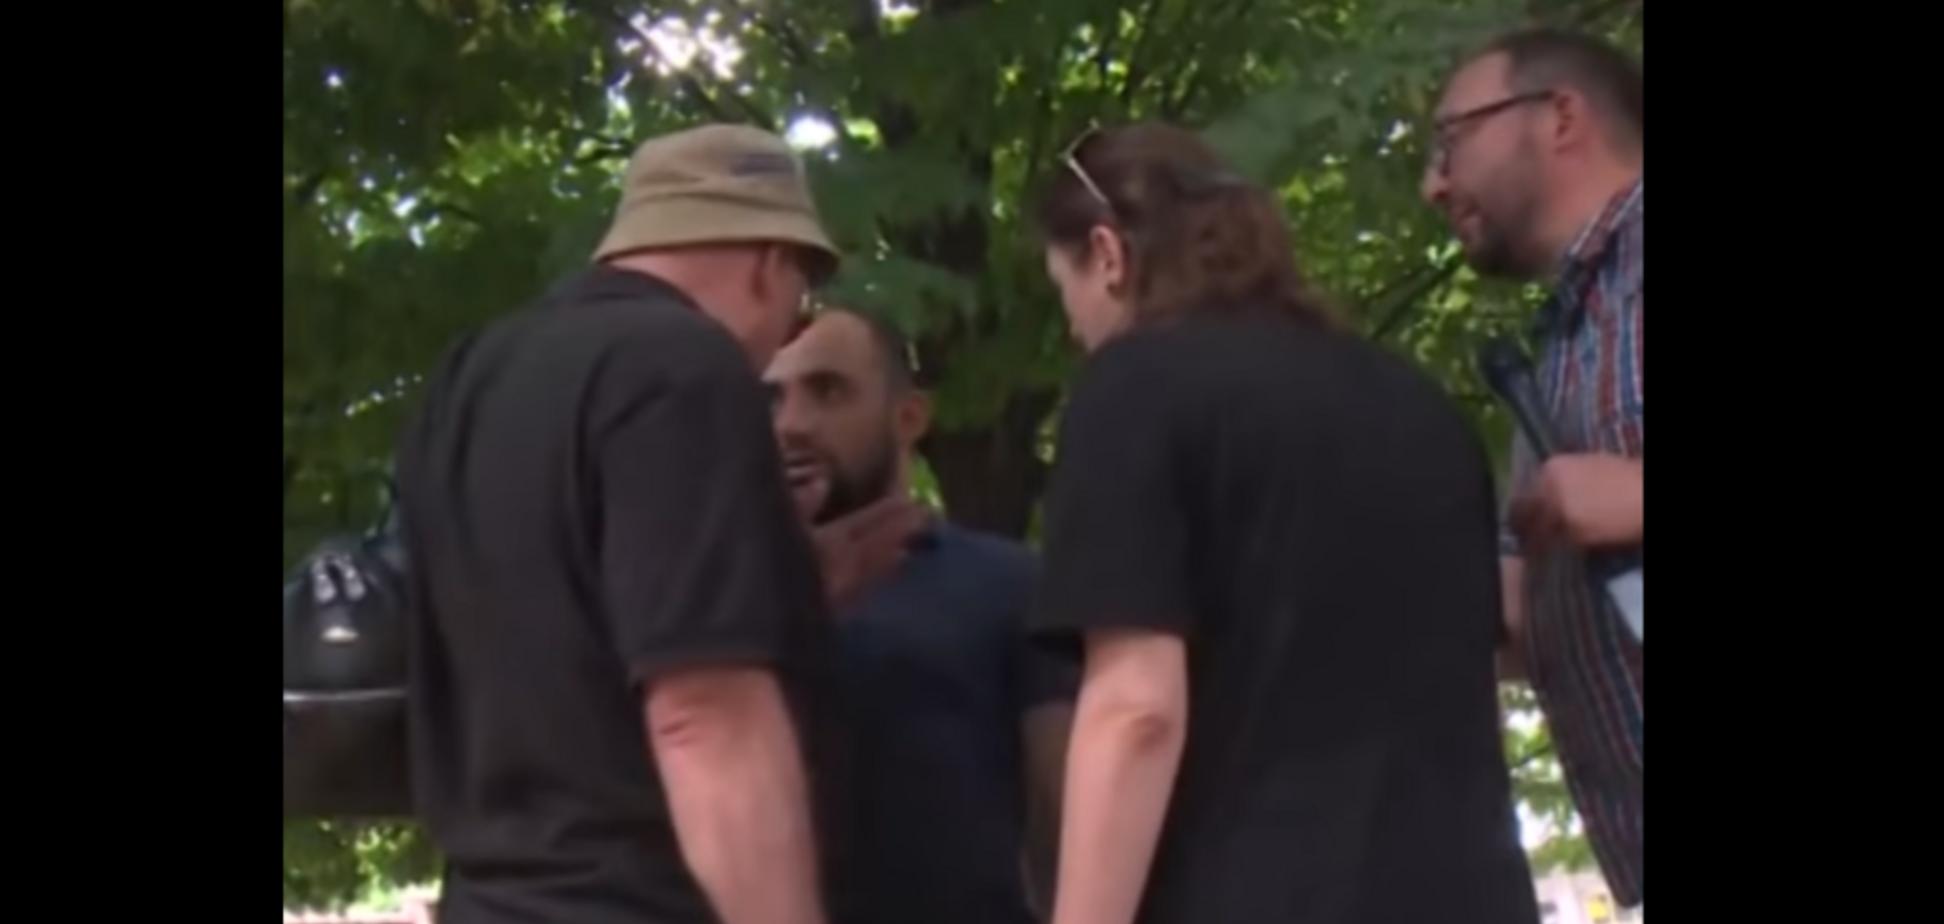 'Хлопчика вже розіп'яли?' Побиття російських пропагандистів у Грузії викликало ажіотаж у мережі